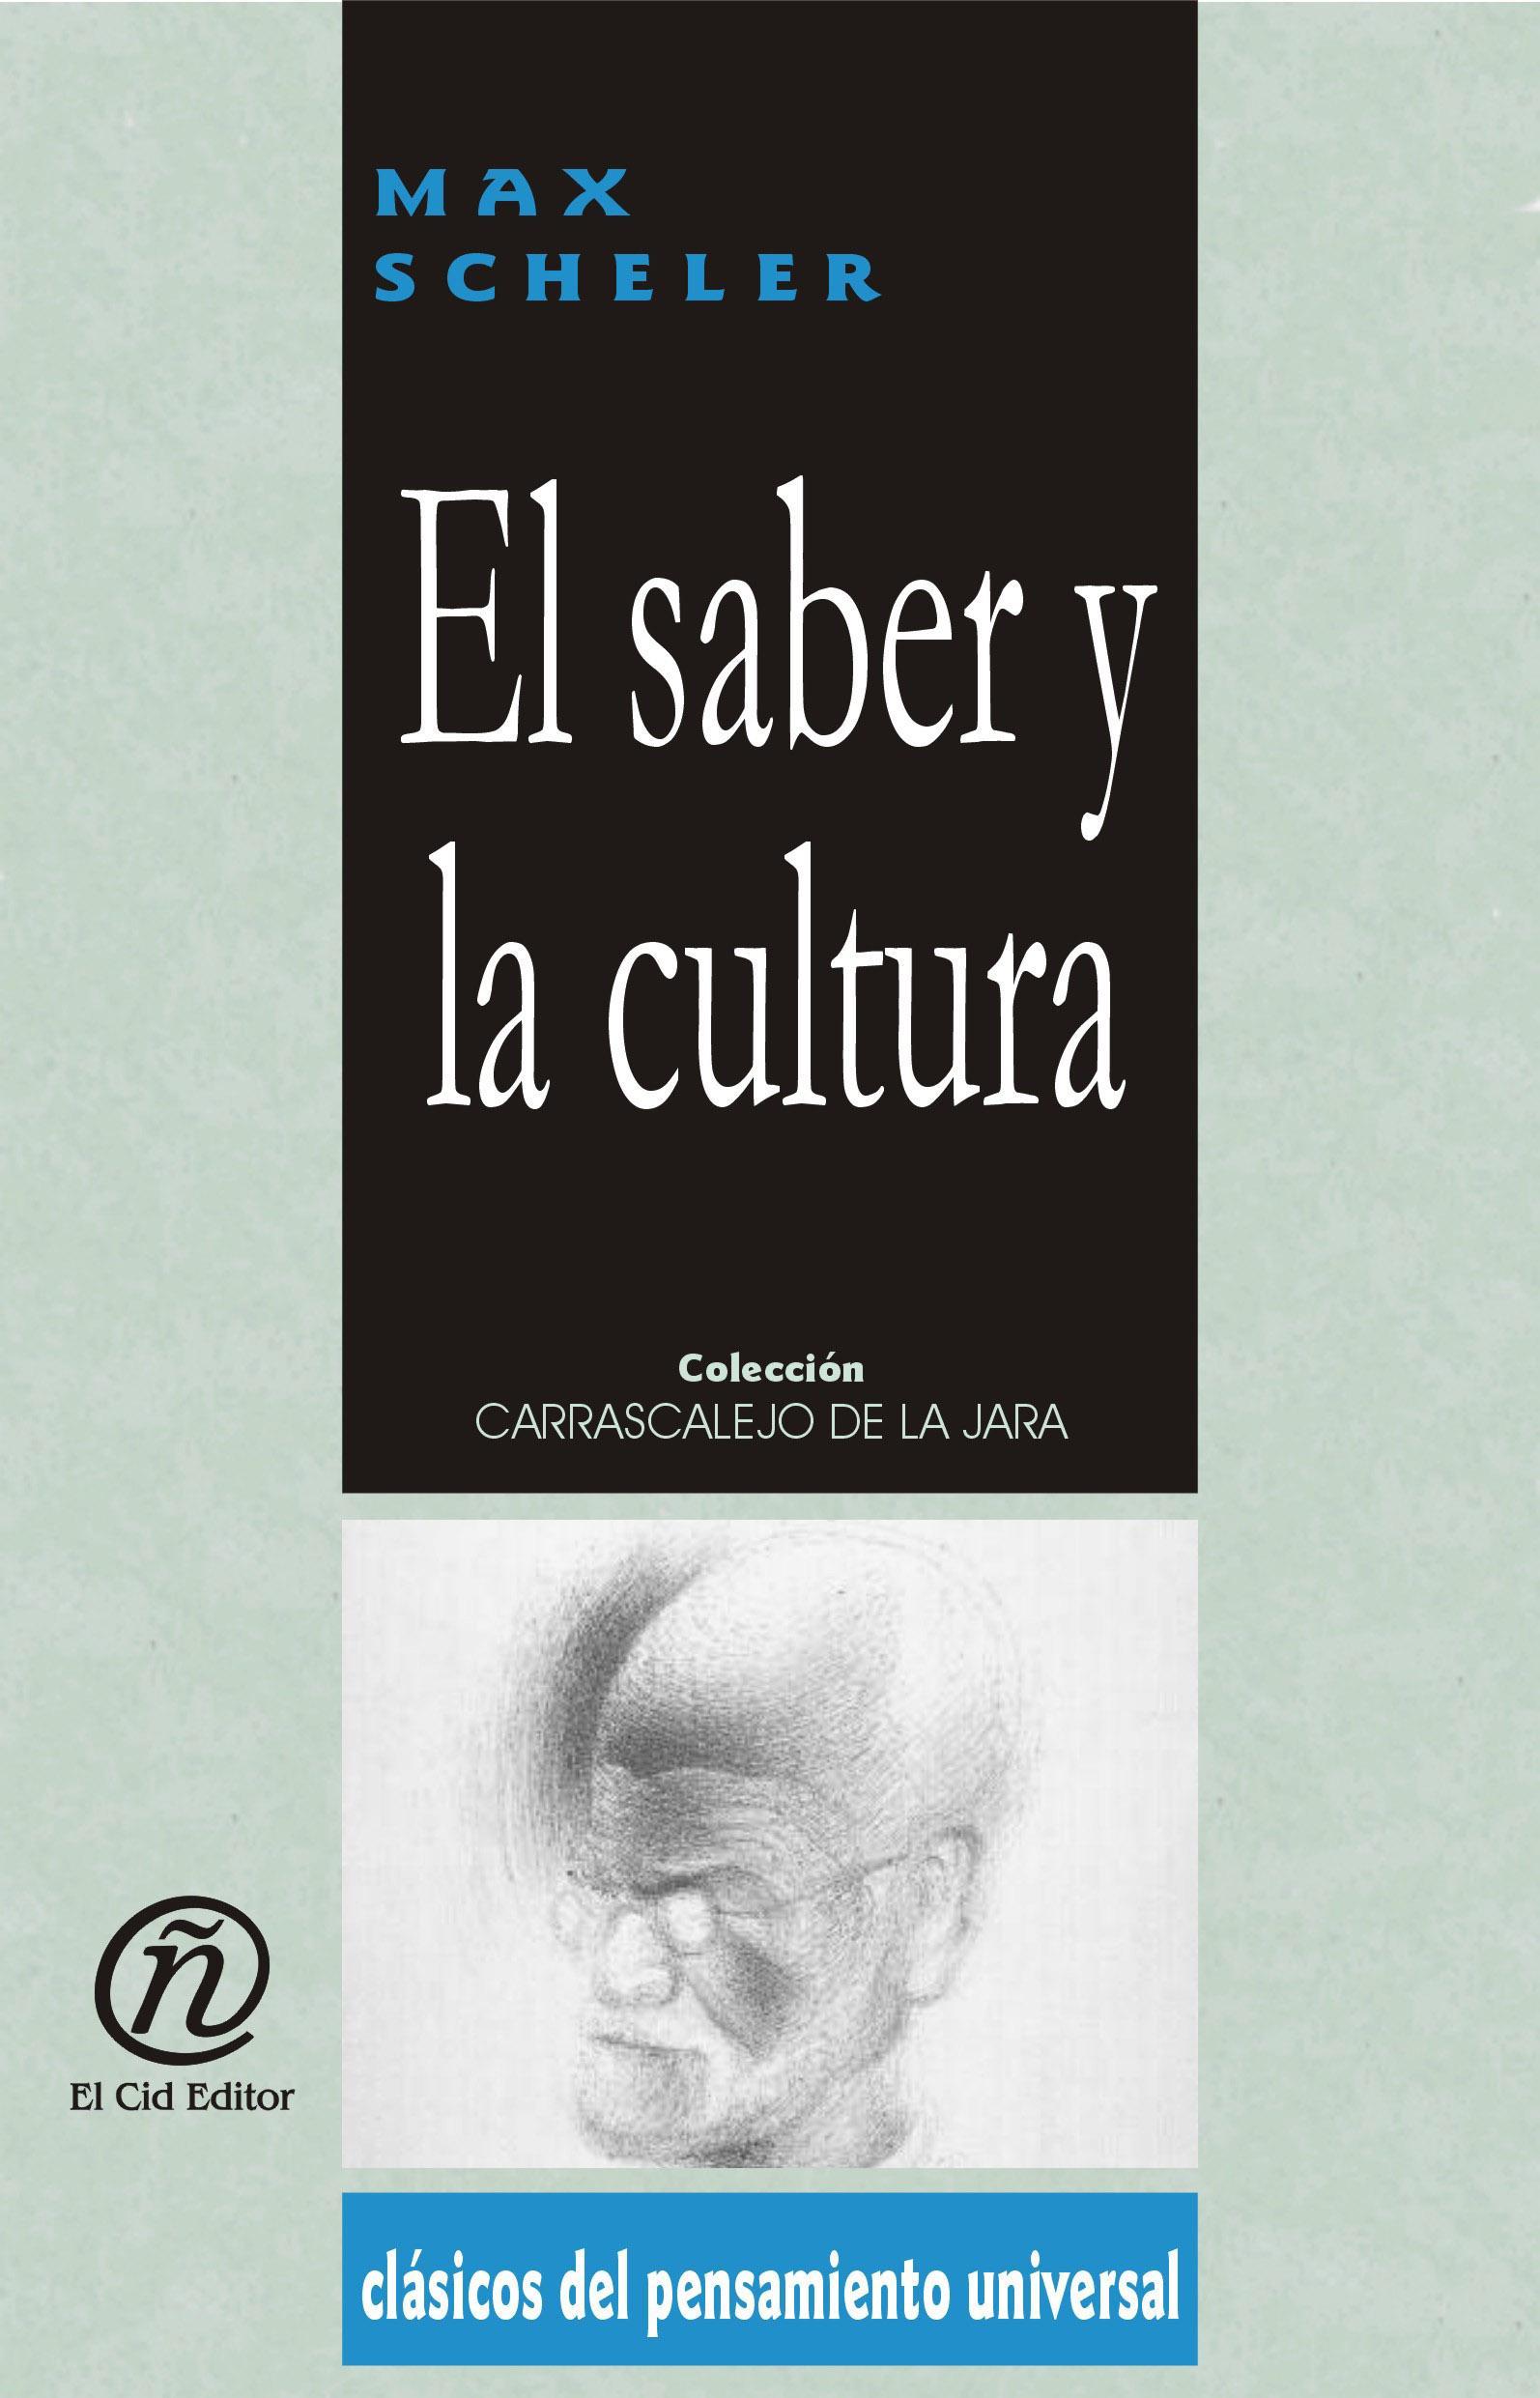 El saber y la cultura: Colecci?n de Cl?sicos del Pensamiento Universal